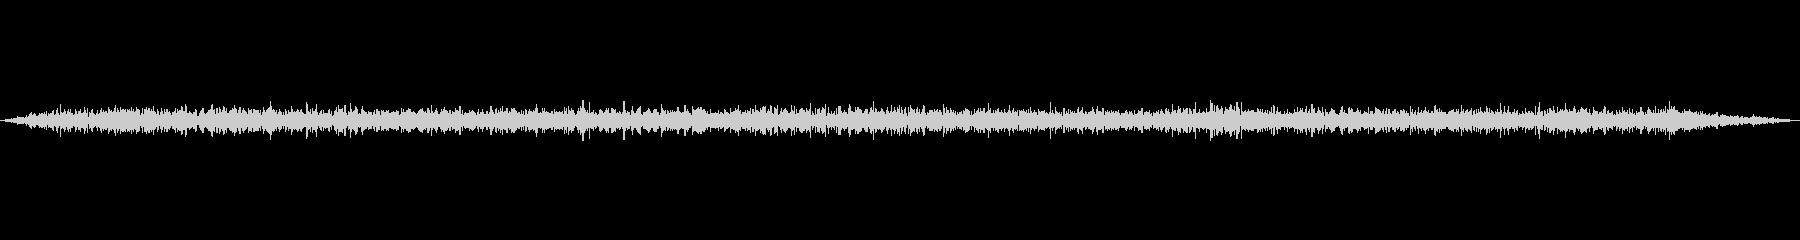 環境音-新幹線車内-走行中の未再生の波形